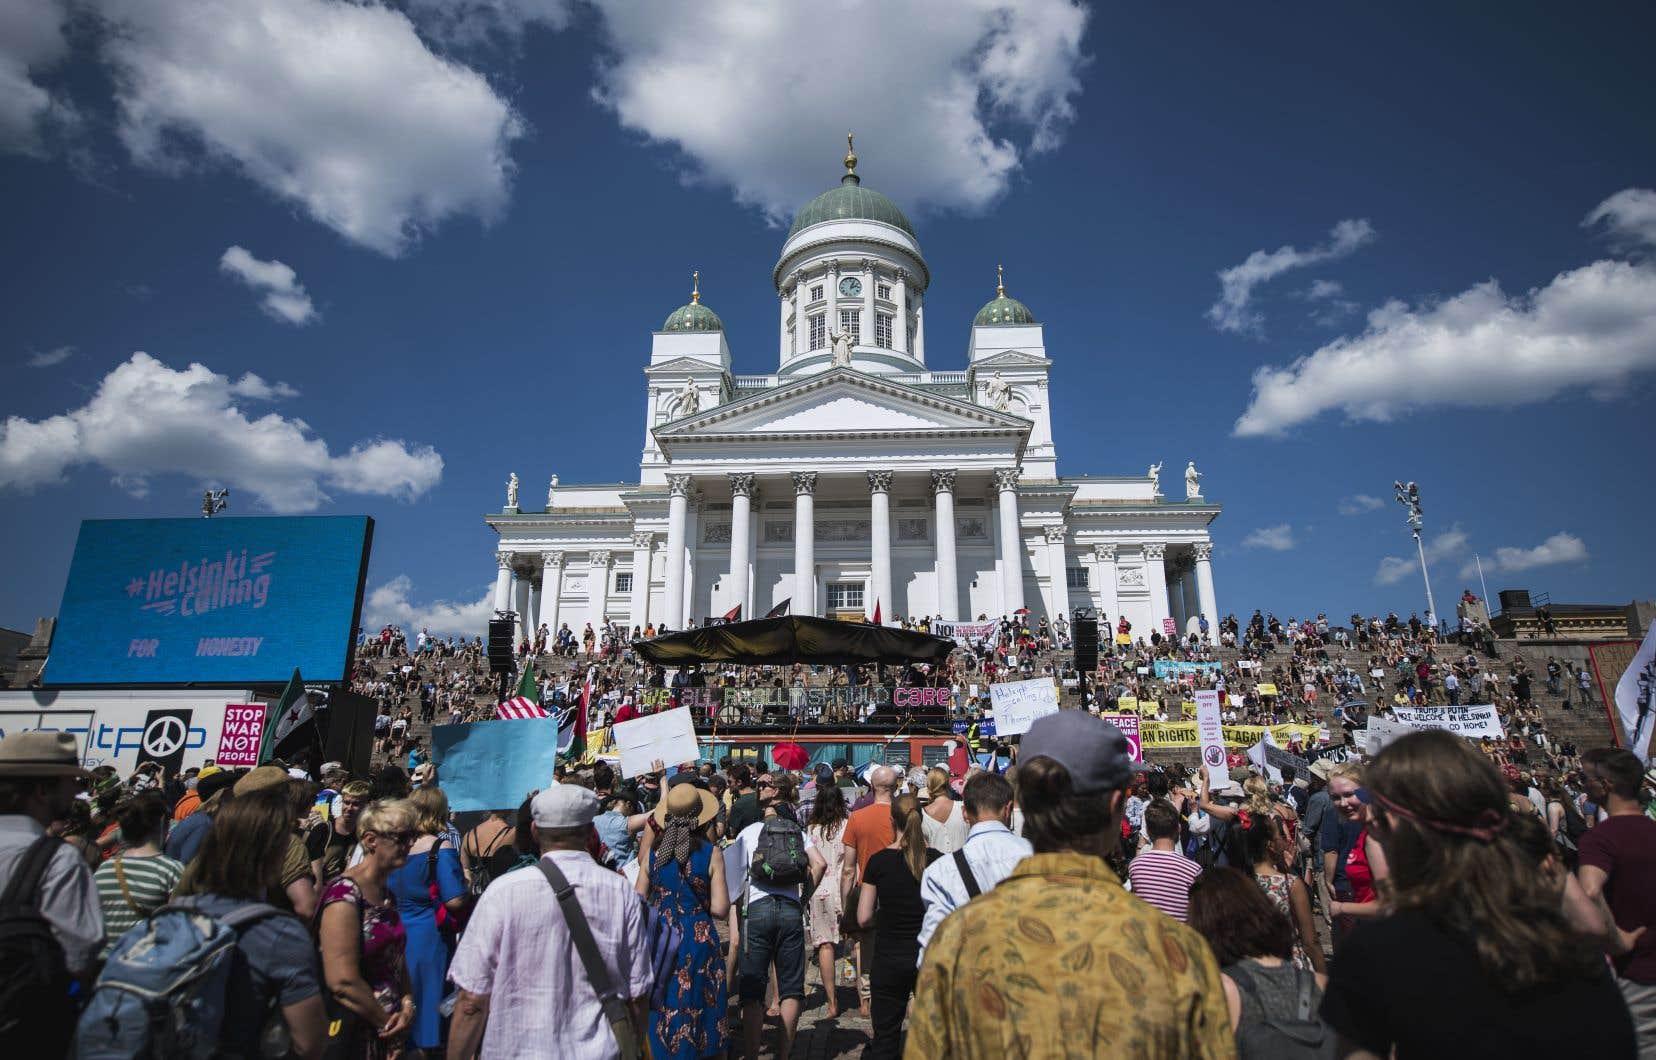 Plusieurs milliers de personnes ont manifesté dimanche à Helsinki, à la veille d'un sommet historique dans la capitale finlandaise entre Donald Trump et Vladimir Poutine.